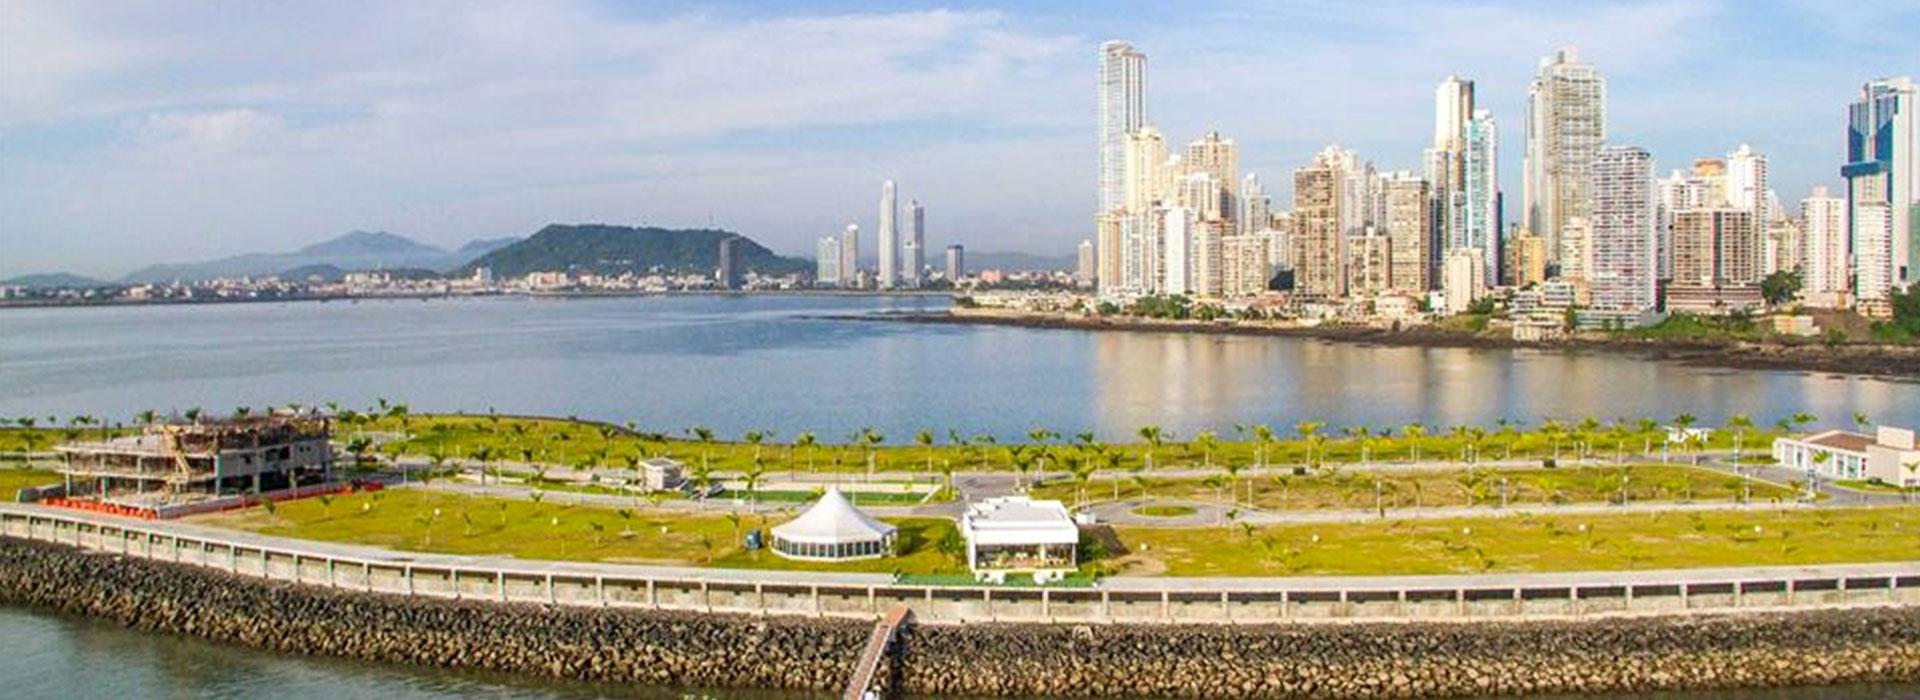 True Island Experience, Panama - PAN (photo 1)